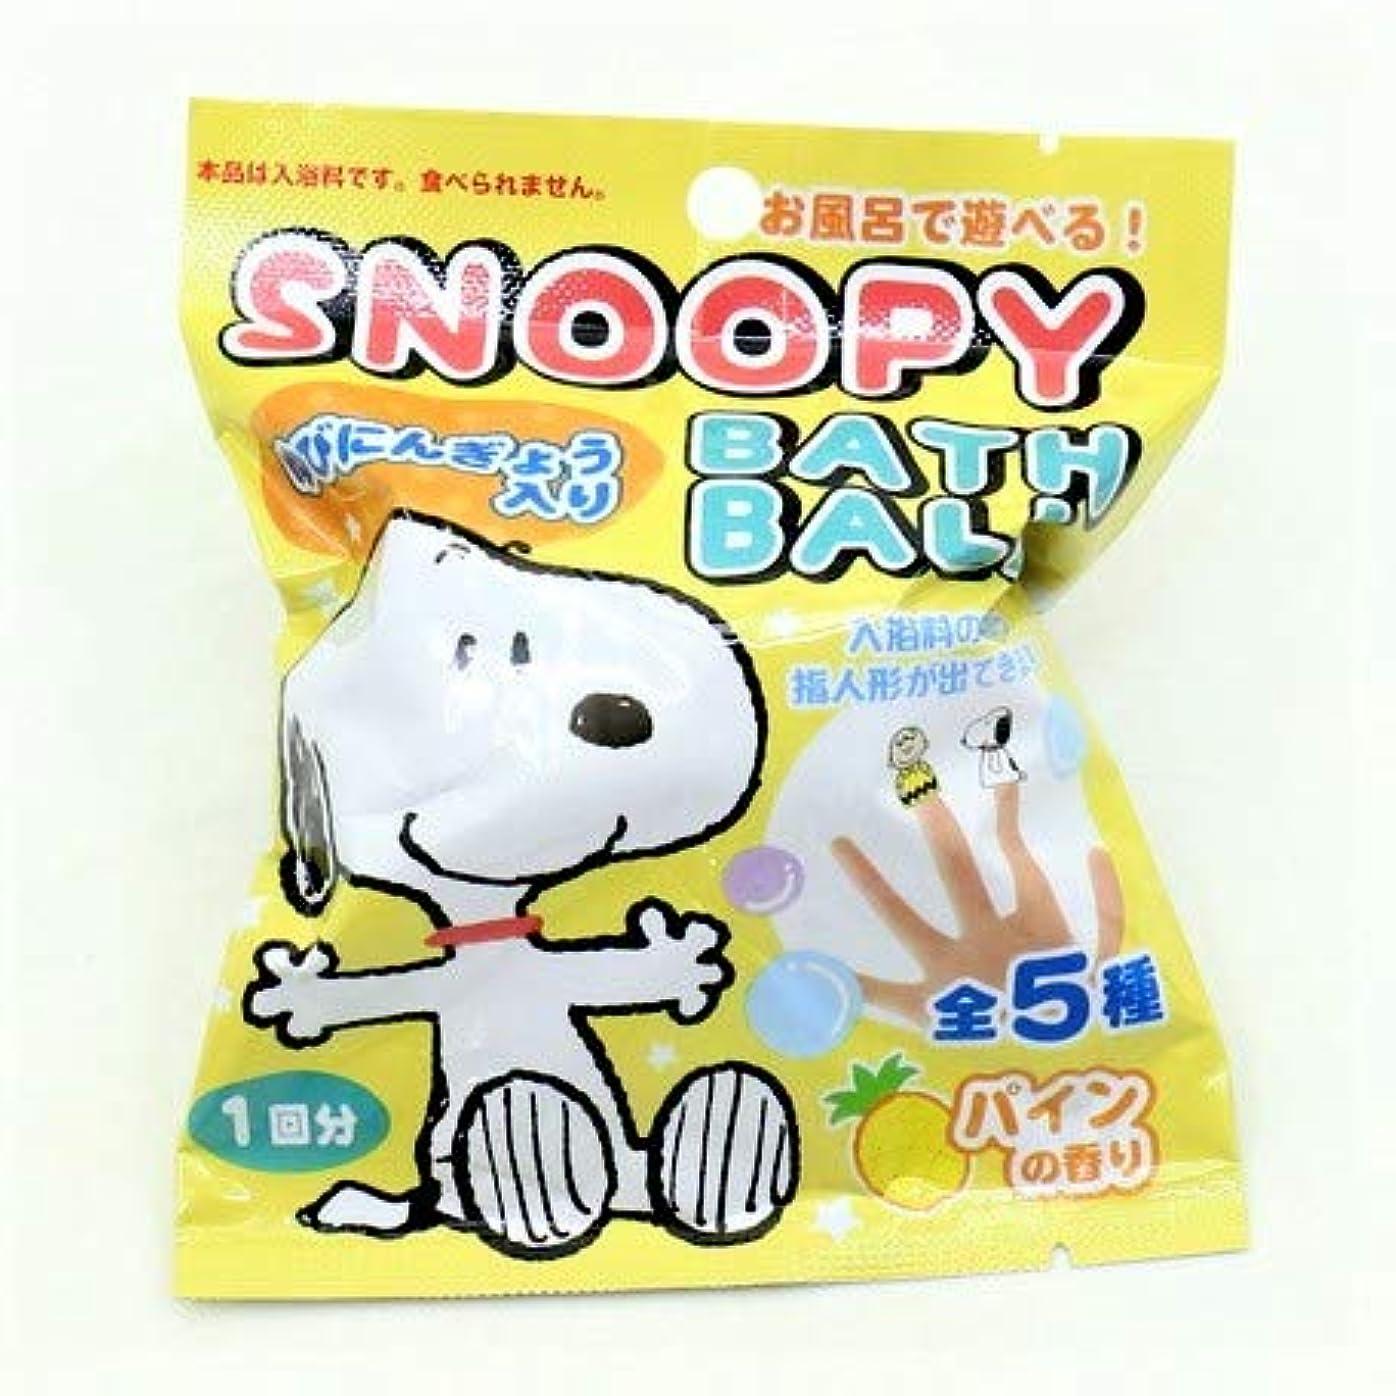 間接的拡声器傭兵スヌーピー バスボール 入浴剤 パインの香り 6個1セット 指人形 Snoopy